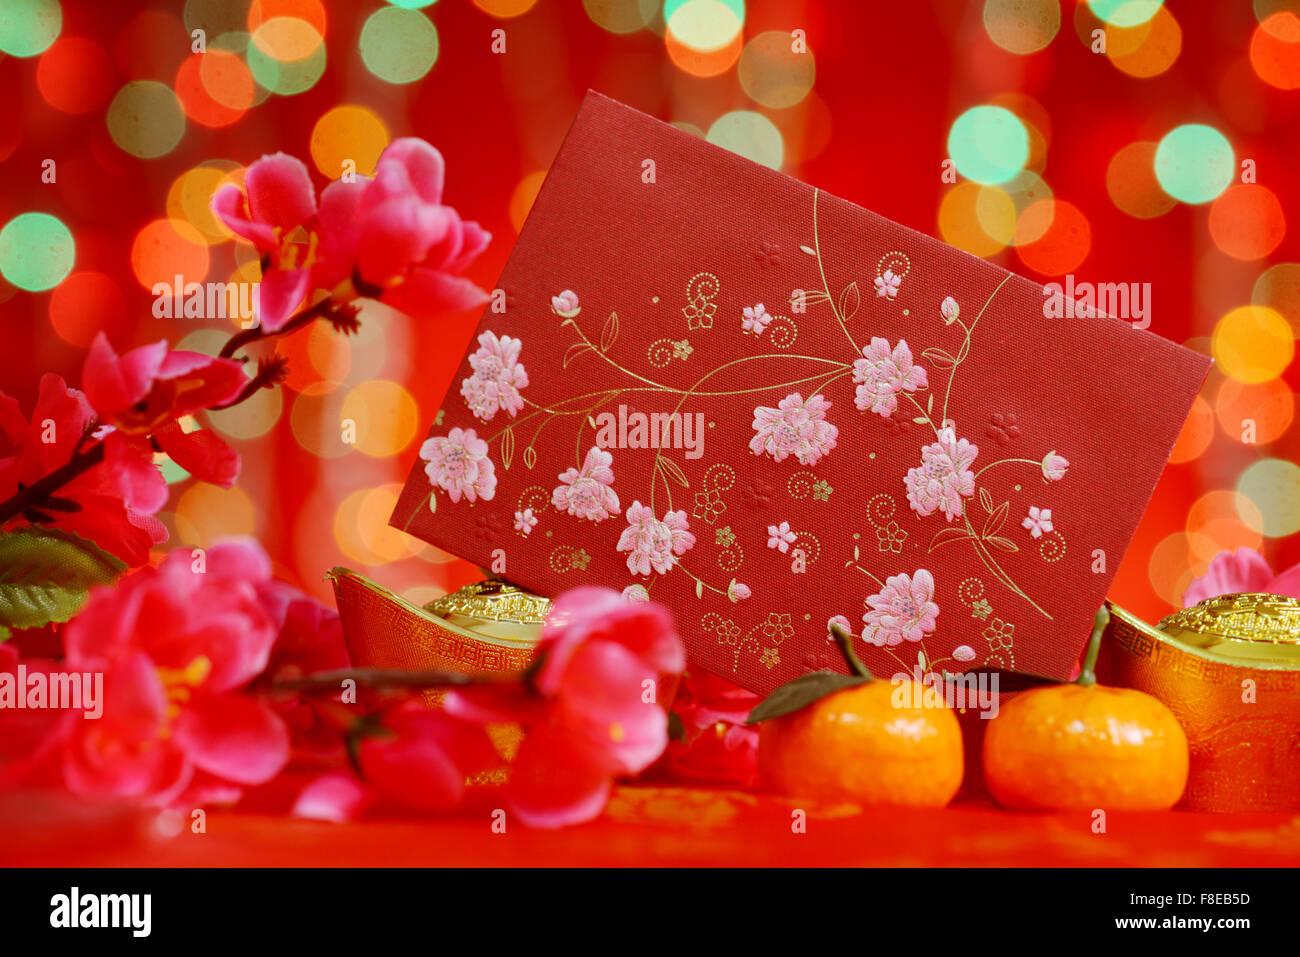 Sfondo Rosso Glitter Immagini Sfondo Rosso Glitter Fotos Stock Alamy